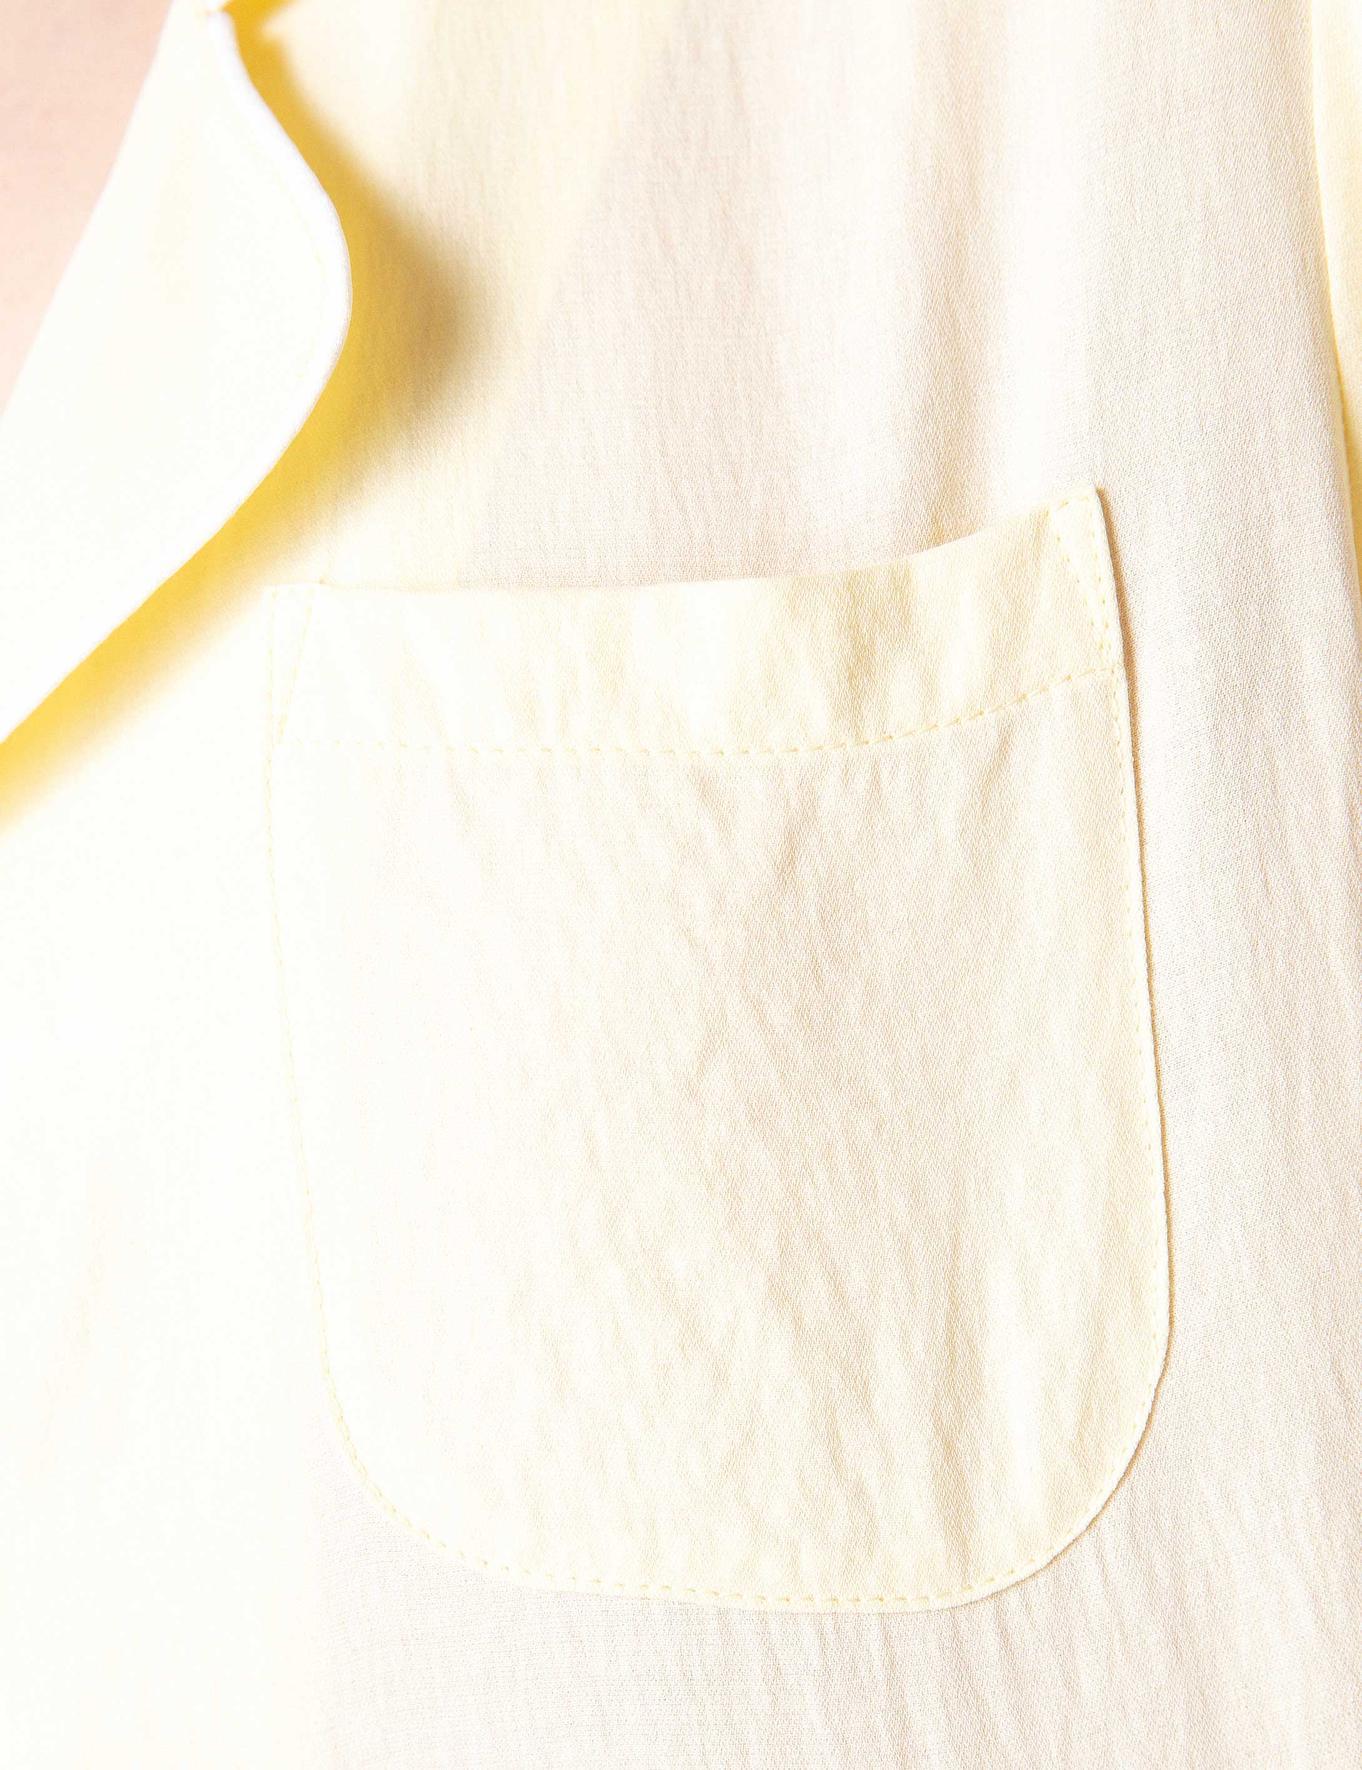 Açık Sarı Dokuma Gömlek